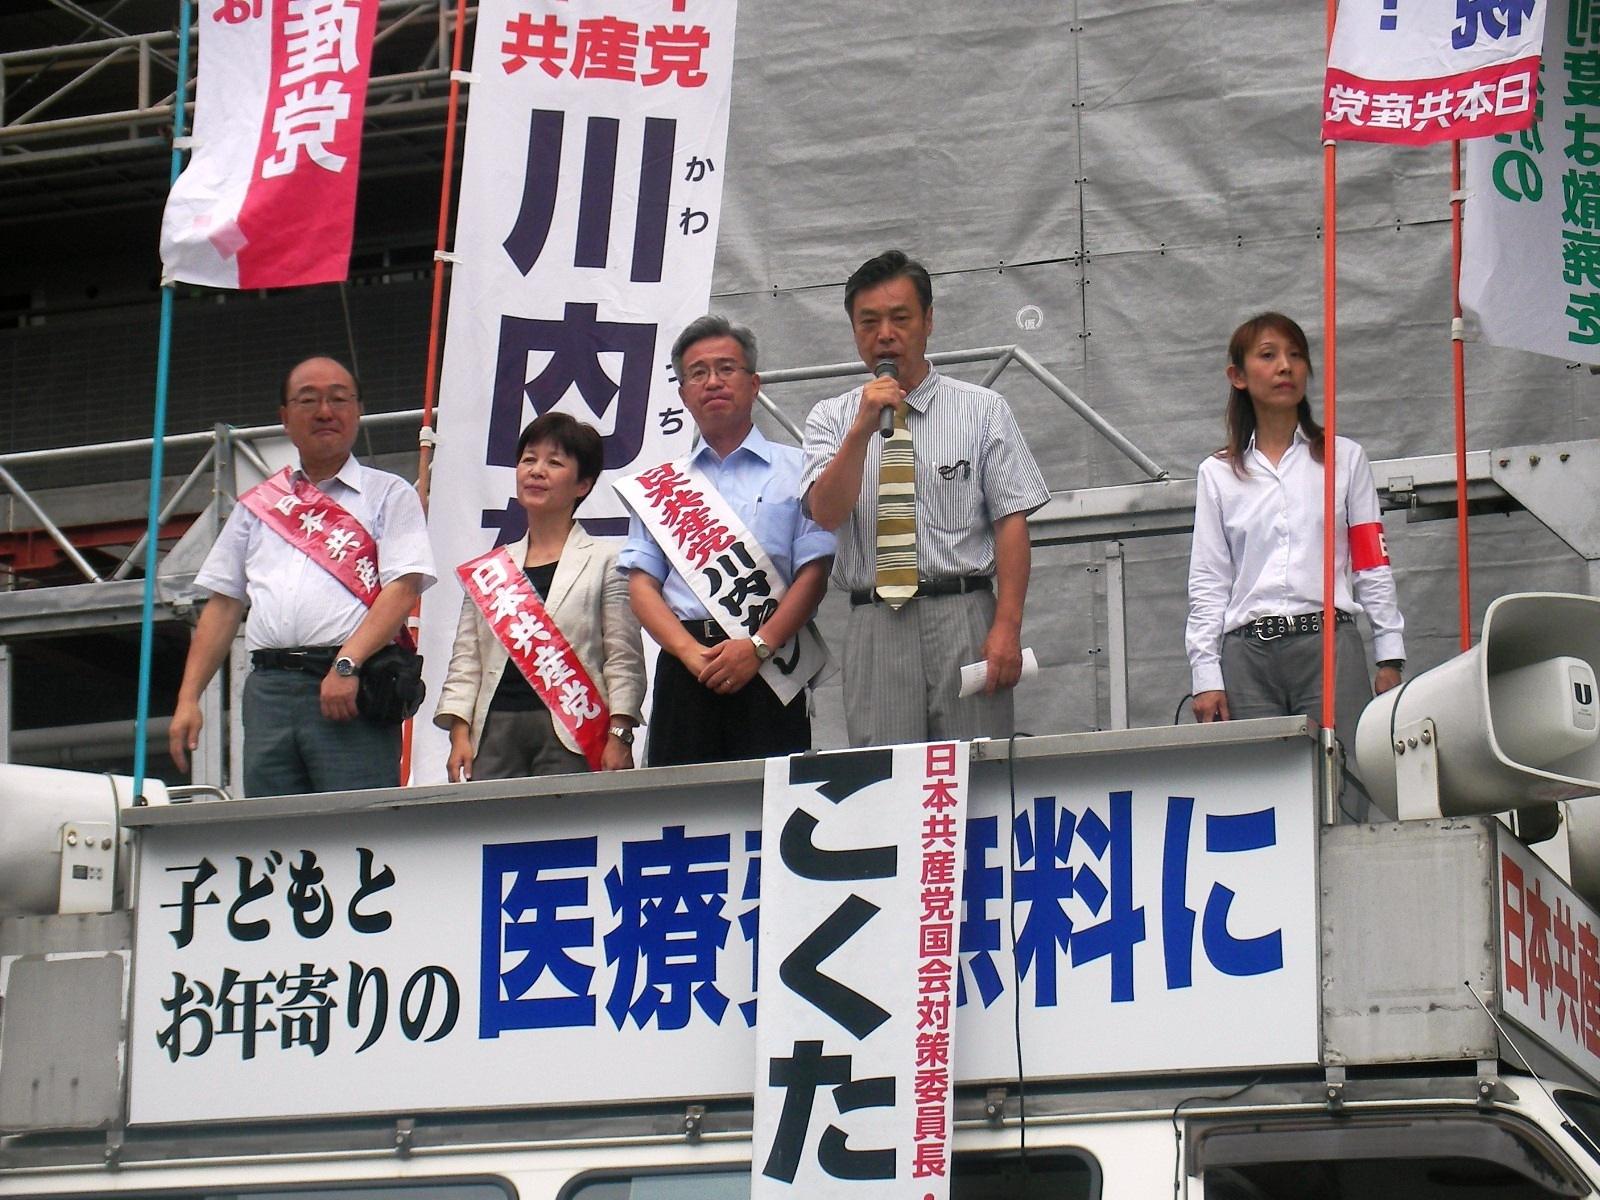 大津で終戦記念日街宣